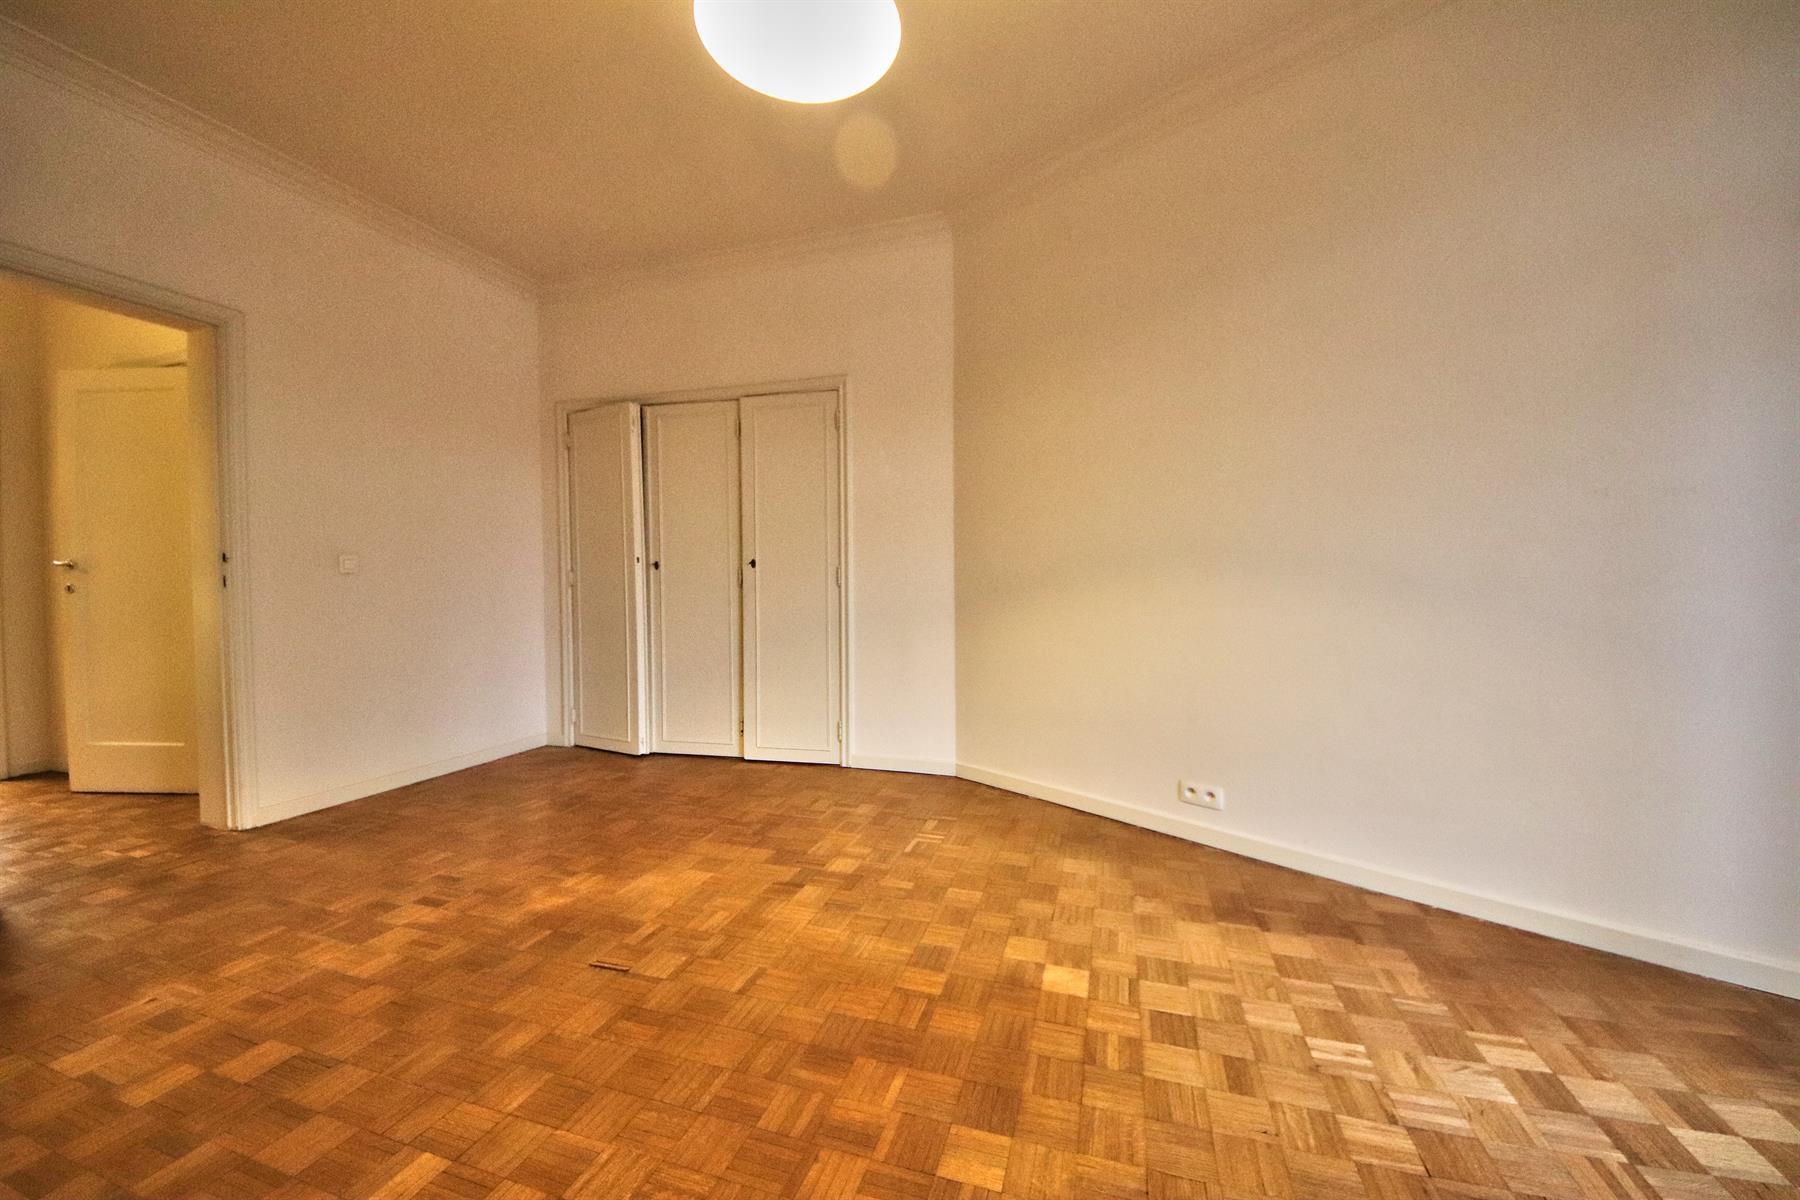 Appartement - Etterbeek - #4256824-5